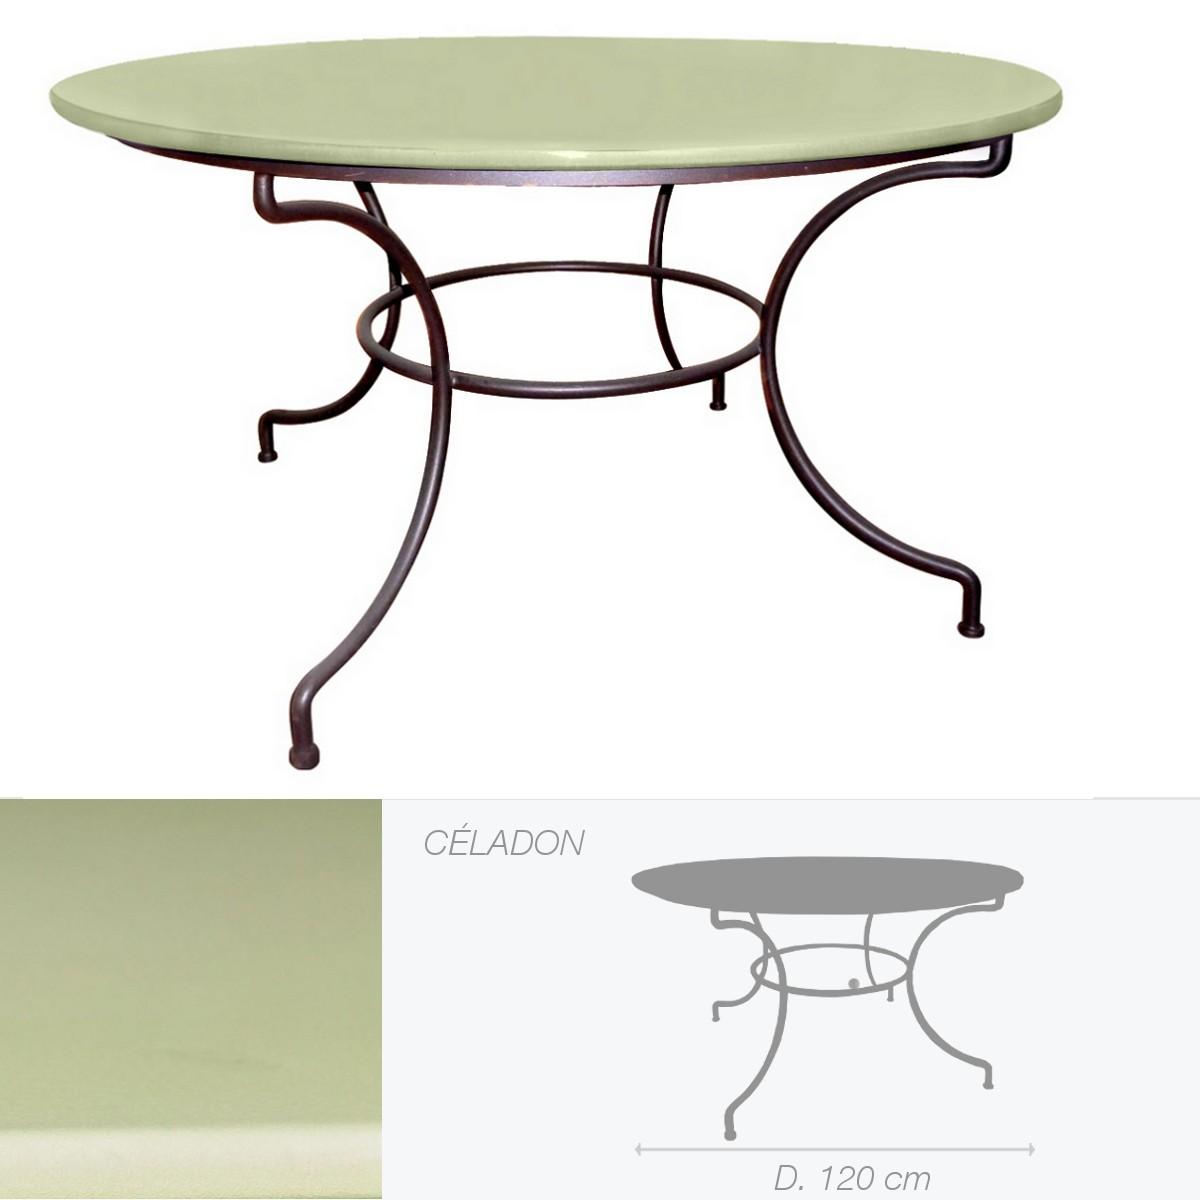 table ronde en pierre de lave maill e c ladon. Black Bedroom Furniture Sets. Home Design Ideas